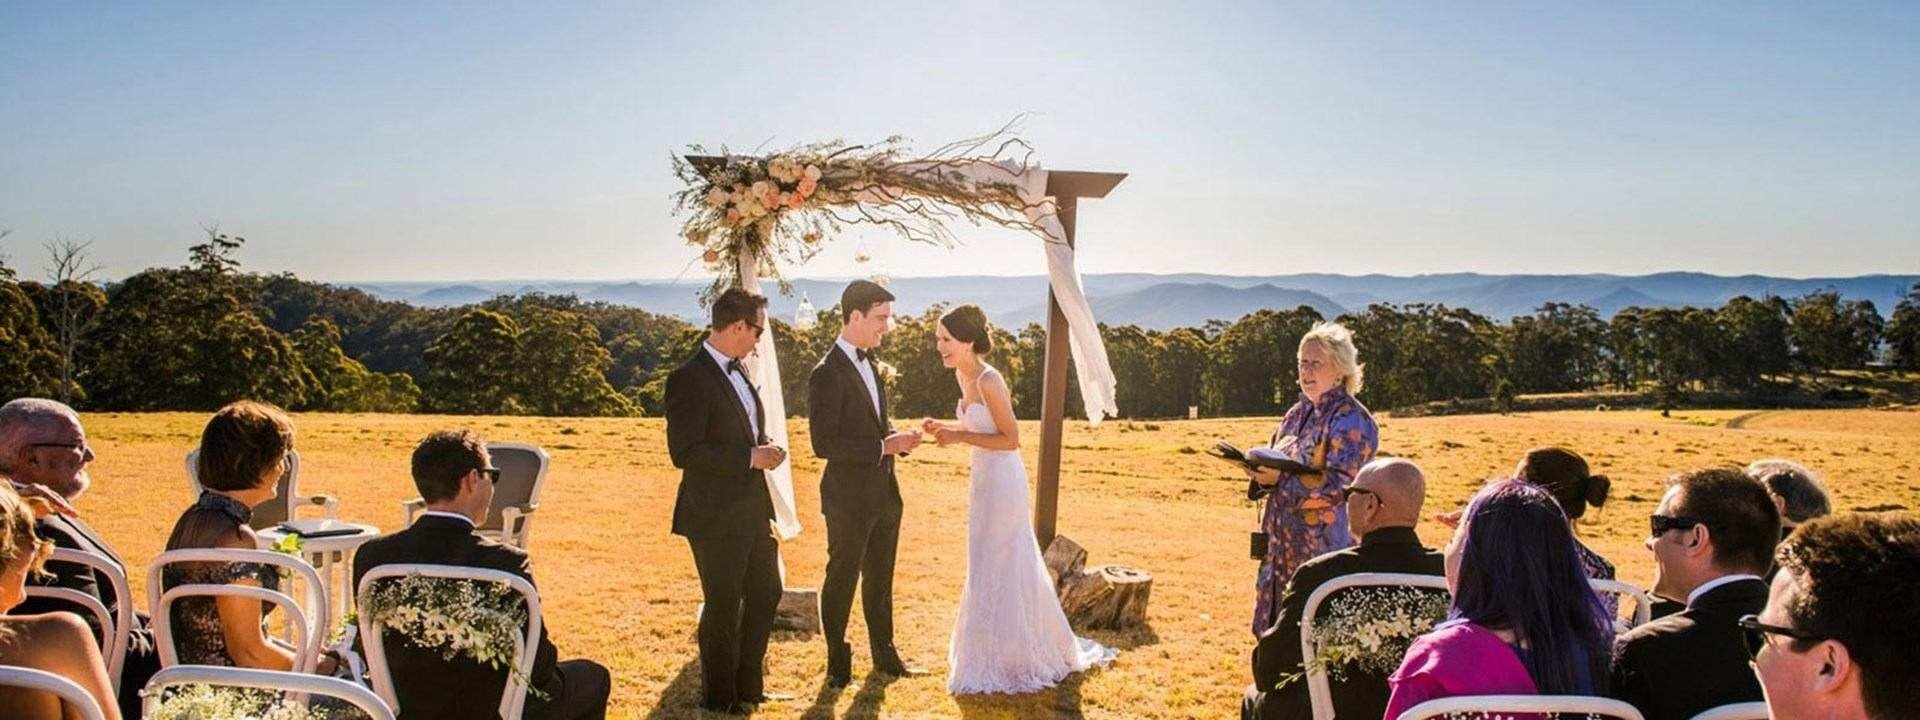 Wedding Venue - Spicers Peak Lodge 10 on Veilability